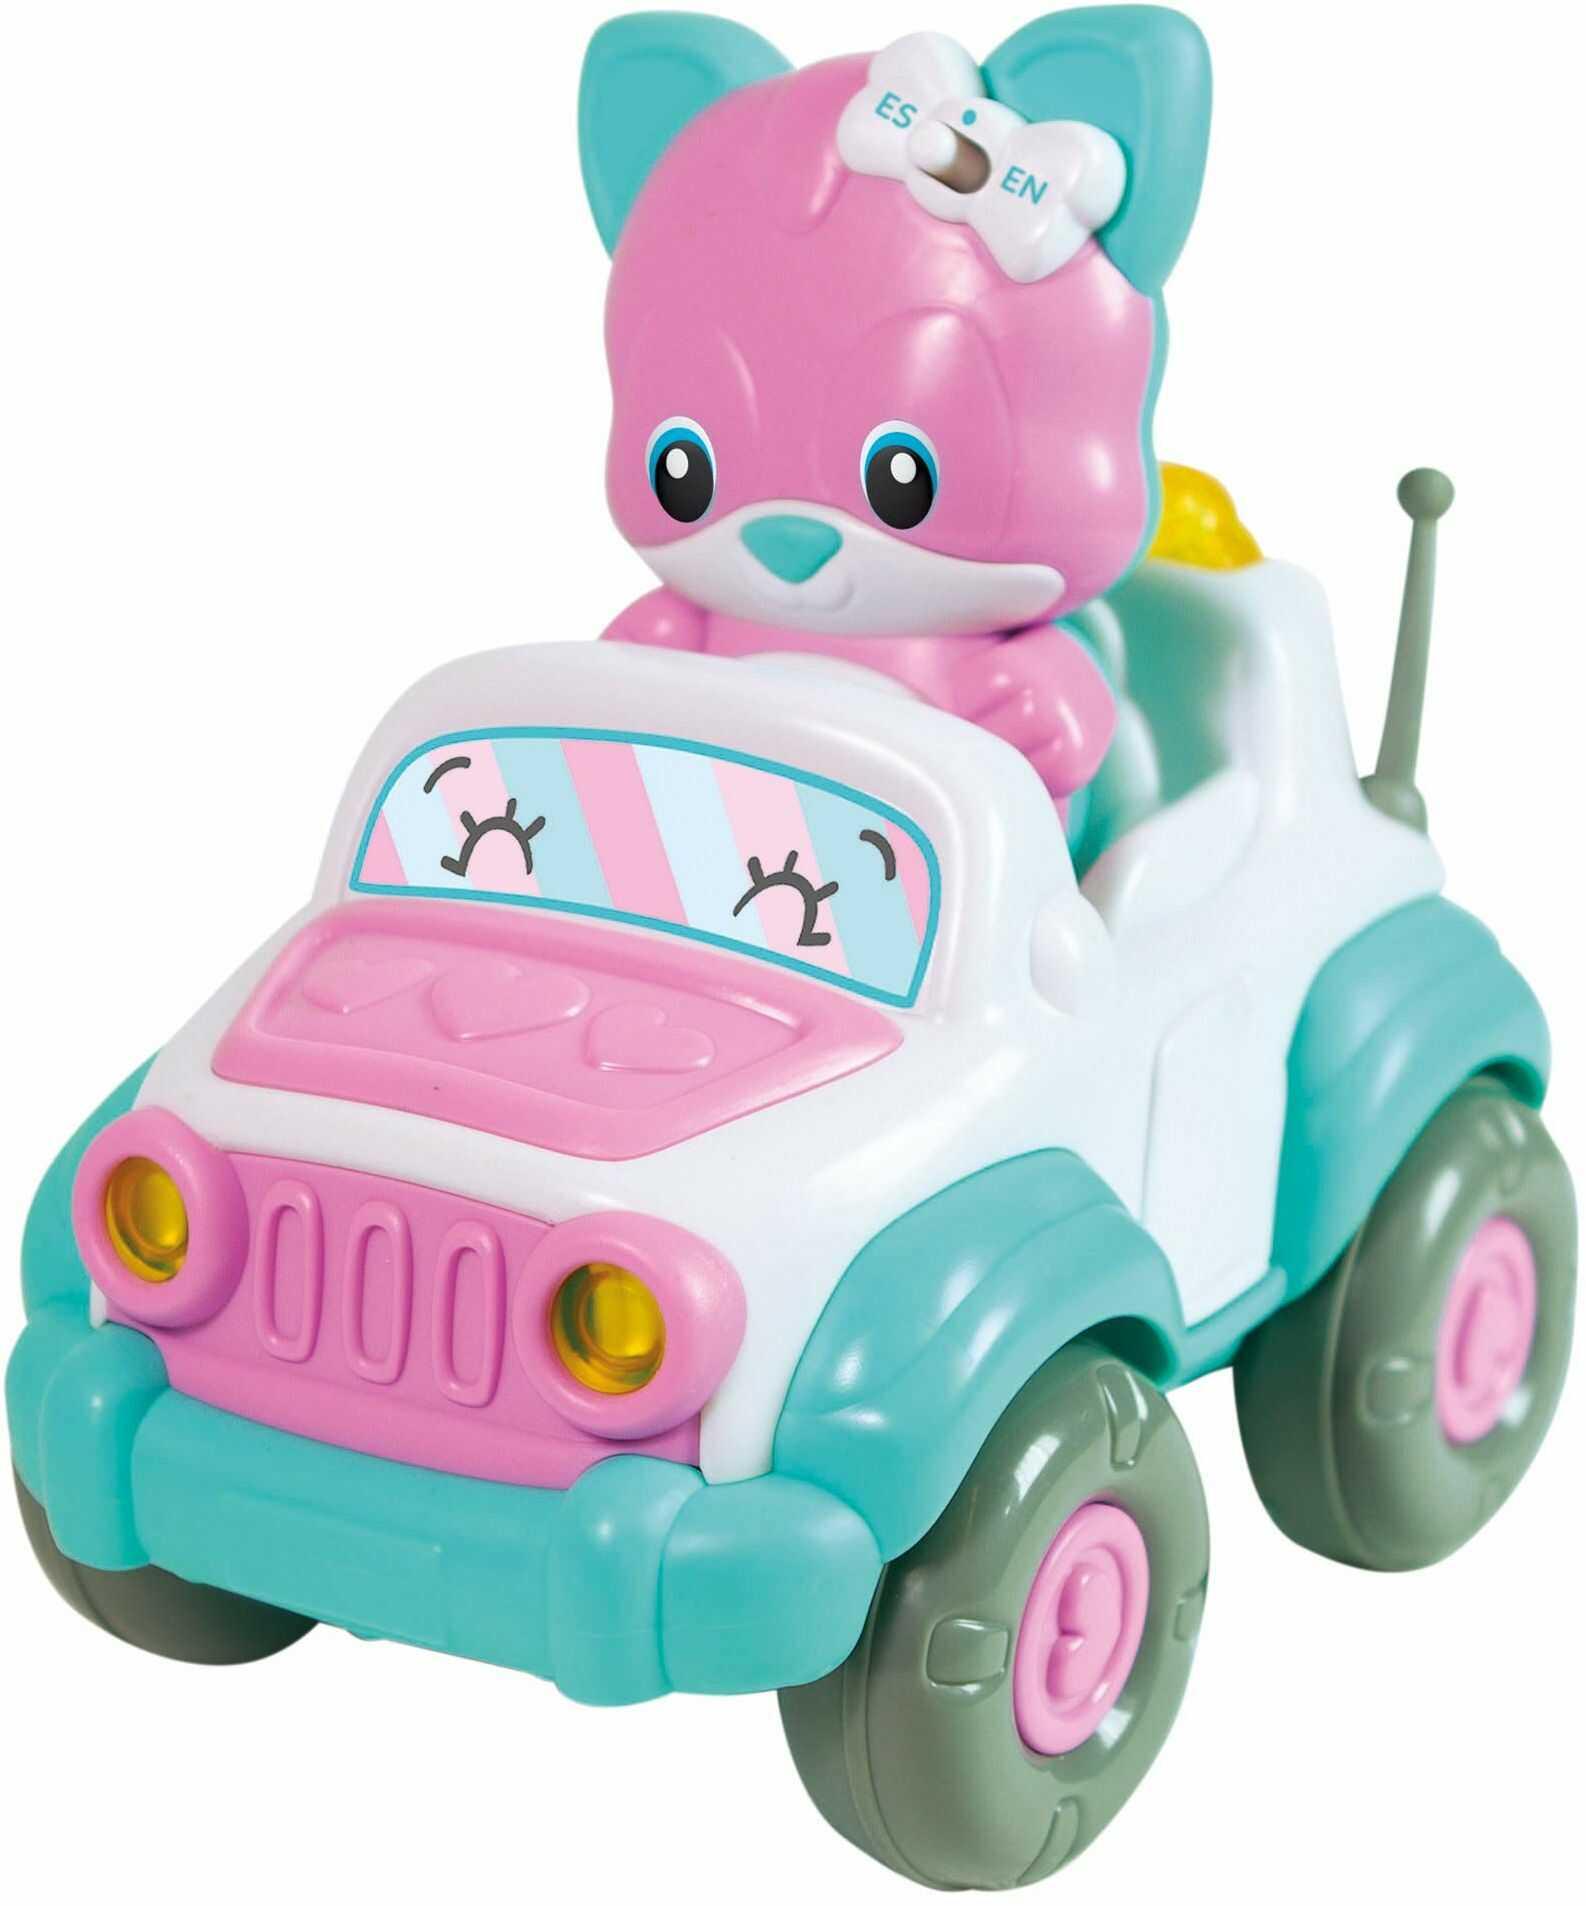 Clementoni 61719 Kitty RC Pojazd - interaktywna i mowa zabawka (może nie być dostępna w języku polskim) - zdalne sterowanie samochód, 2 lata i starsze, wielokolorowe